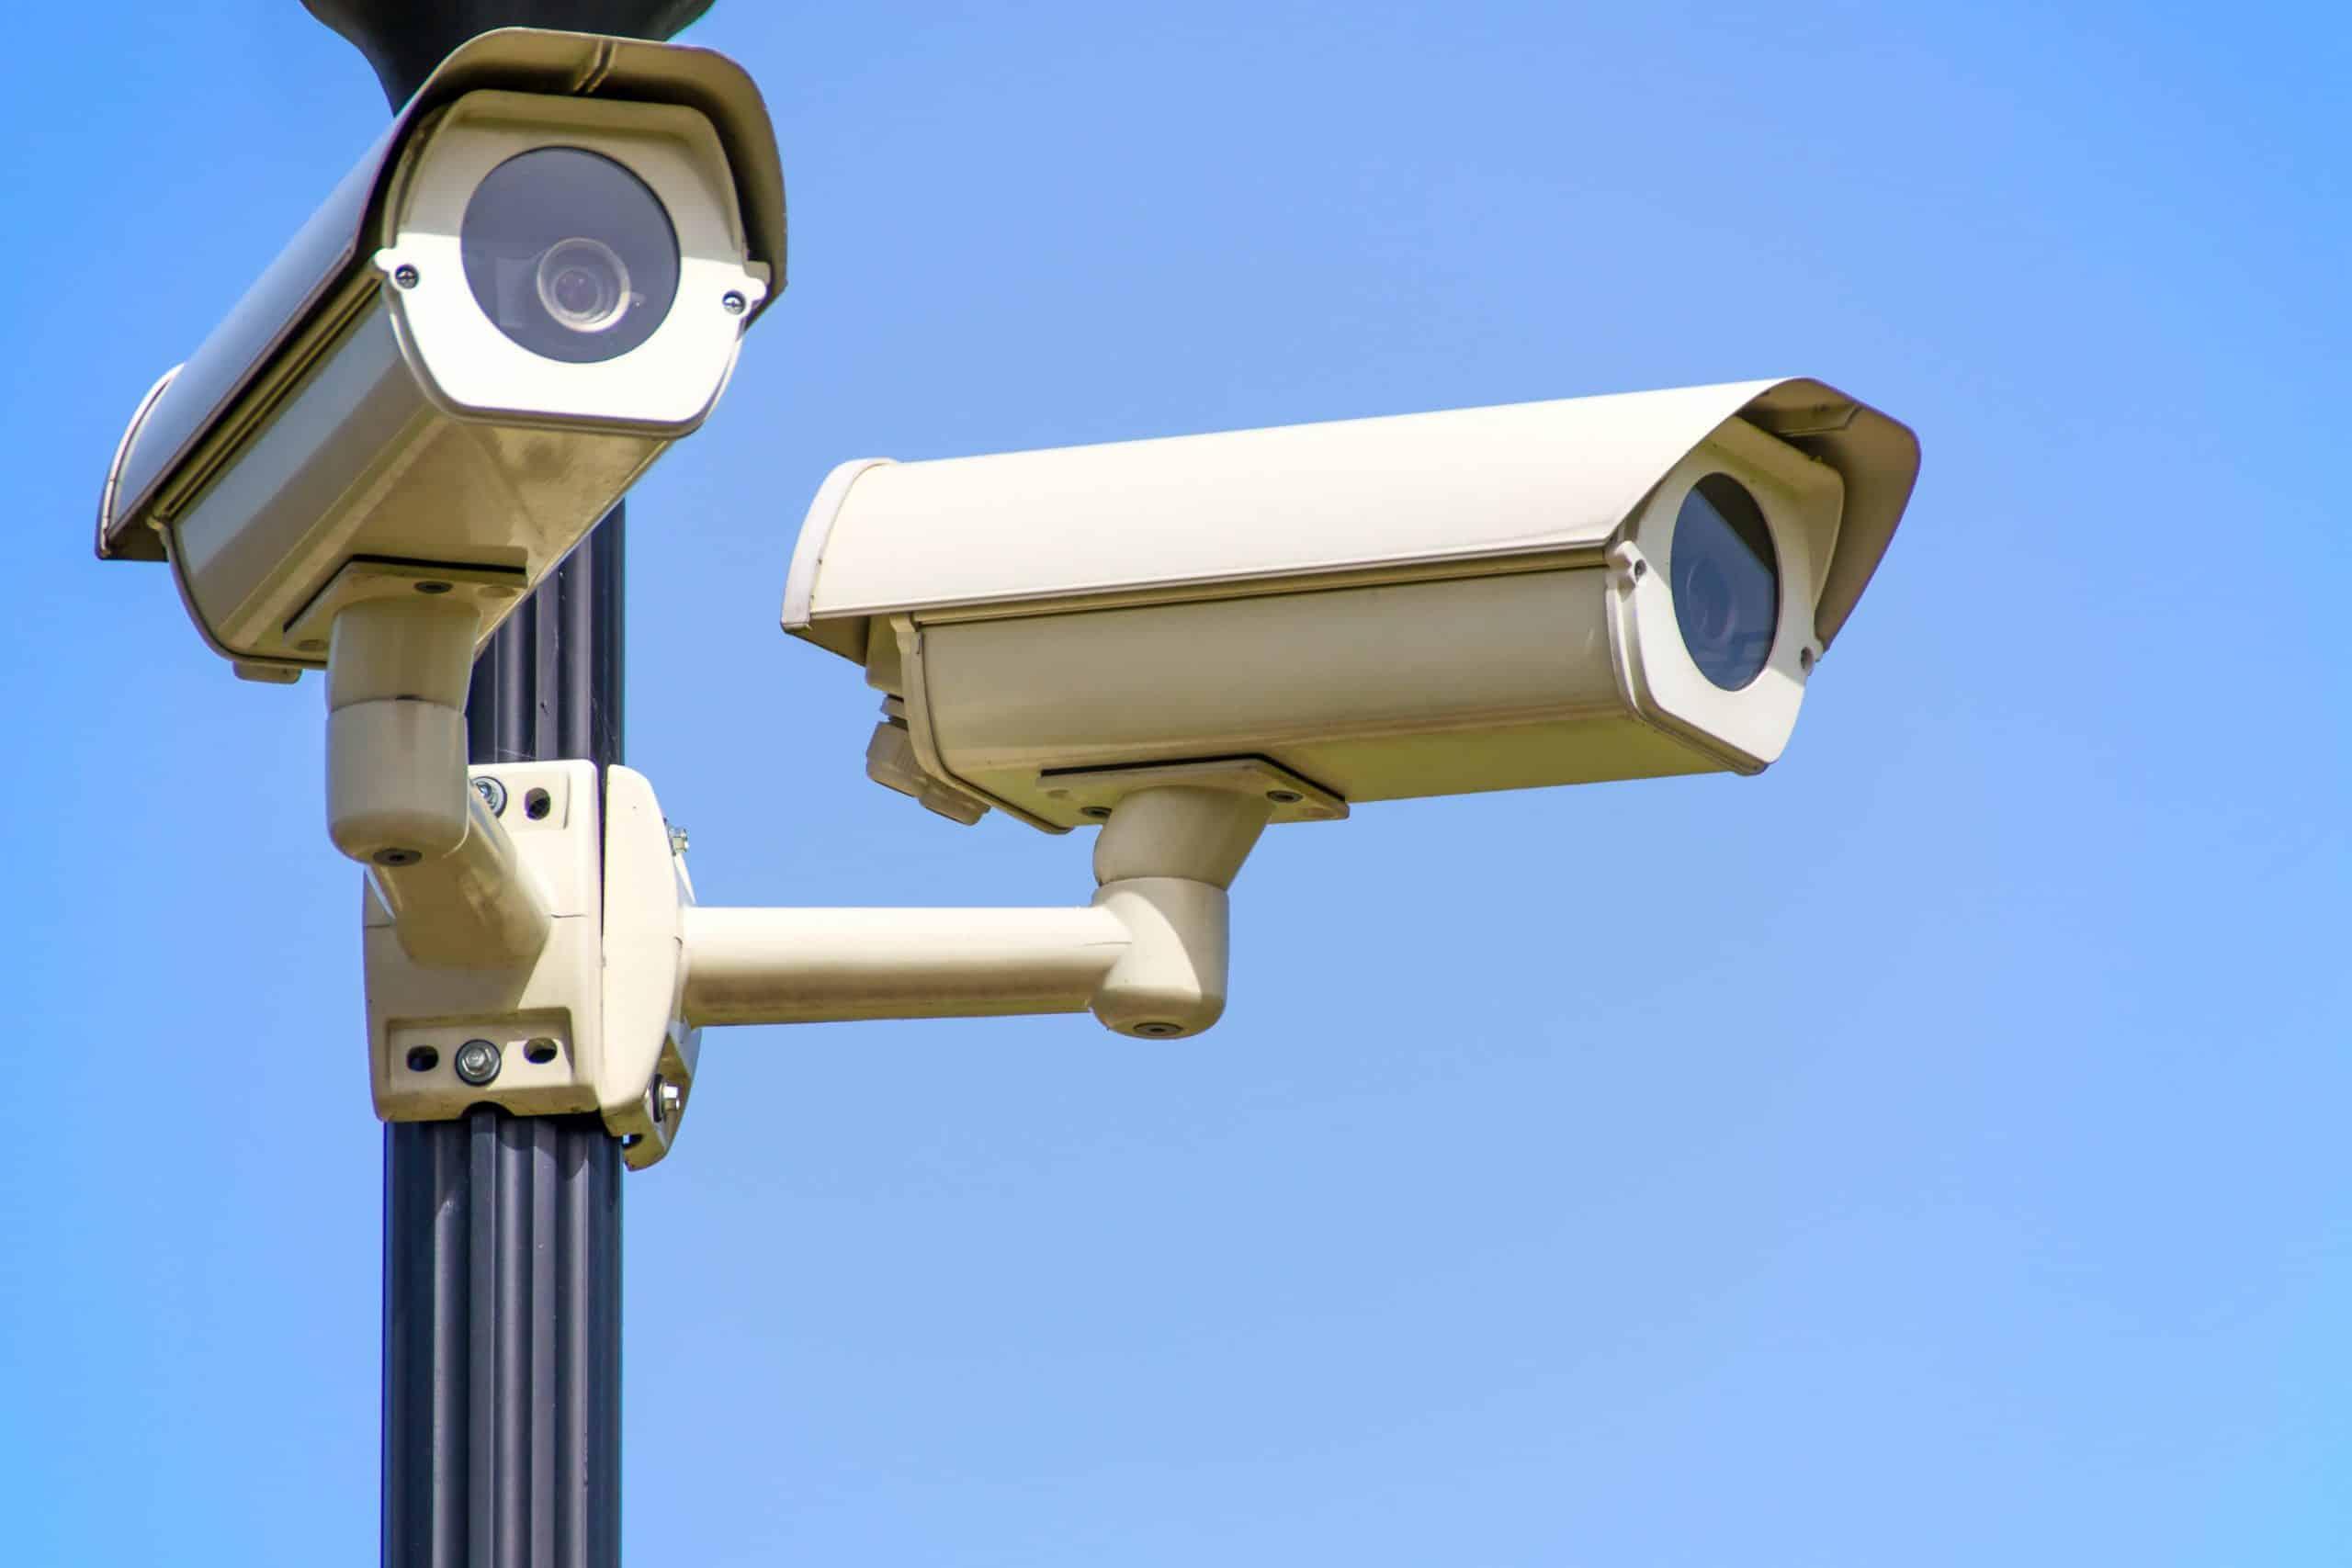 Police Blue Sky Security Surveillance 96612